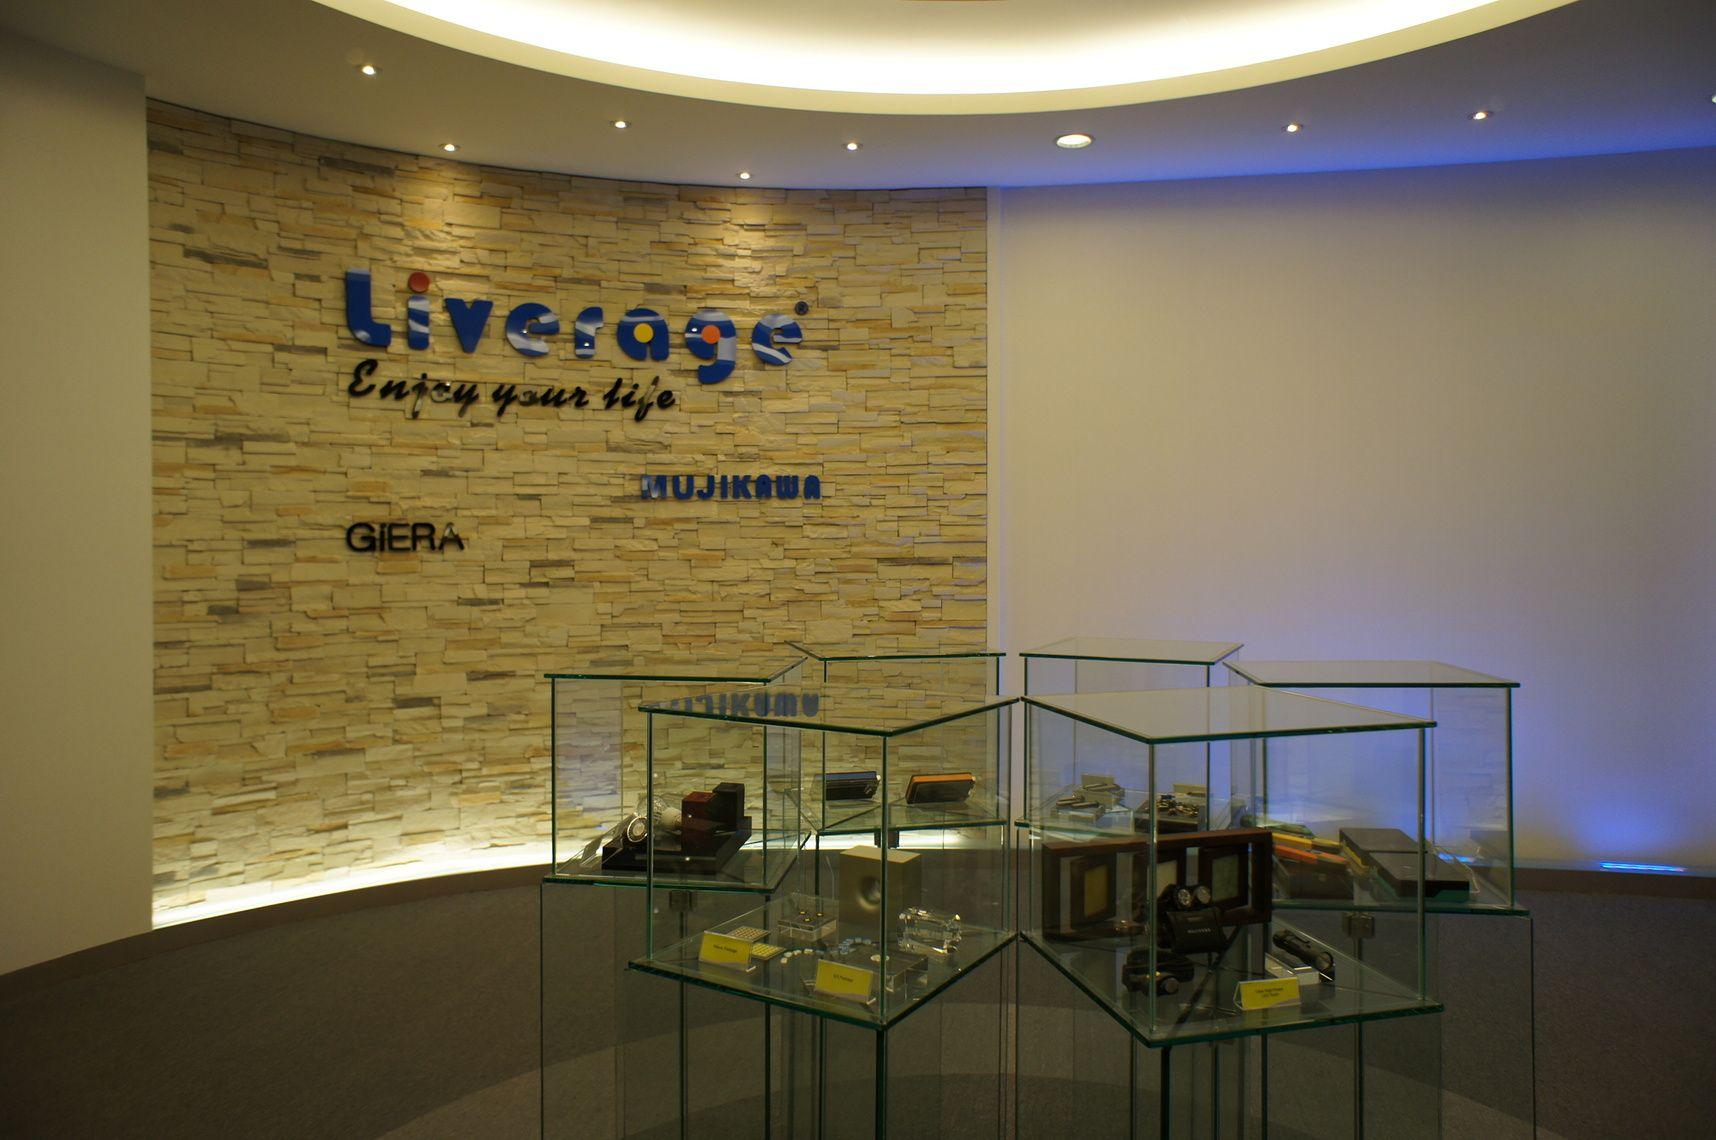 Liverage Technology Inc. se ha dedicado a la industria de la comunicación por fibra óptica durante más de 15 años.